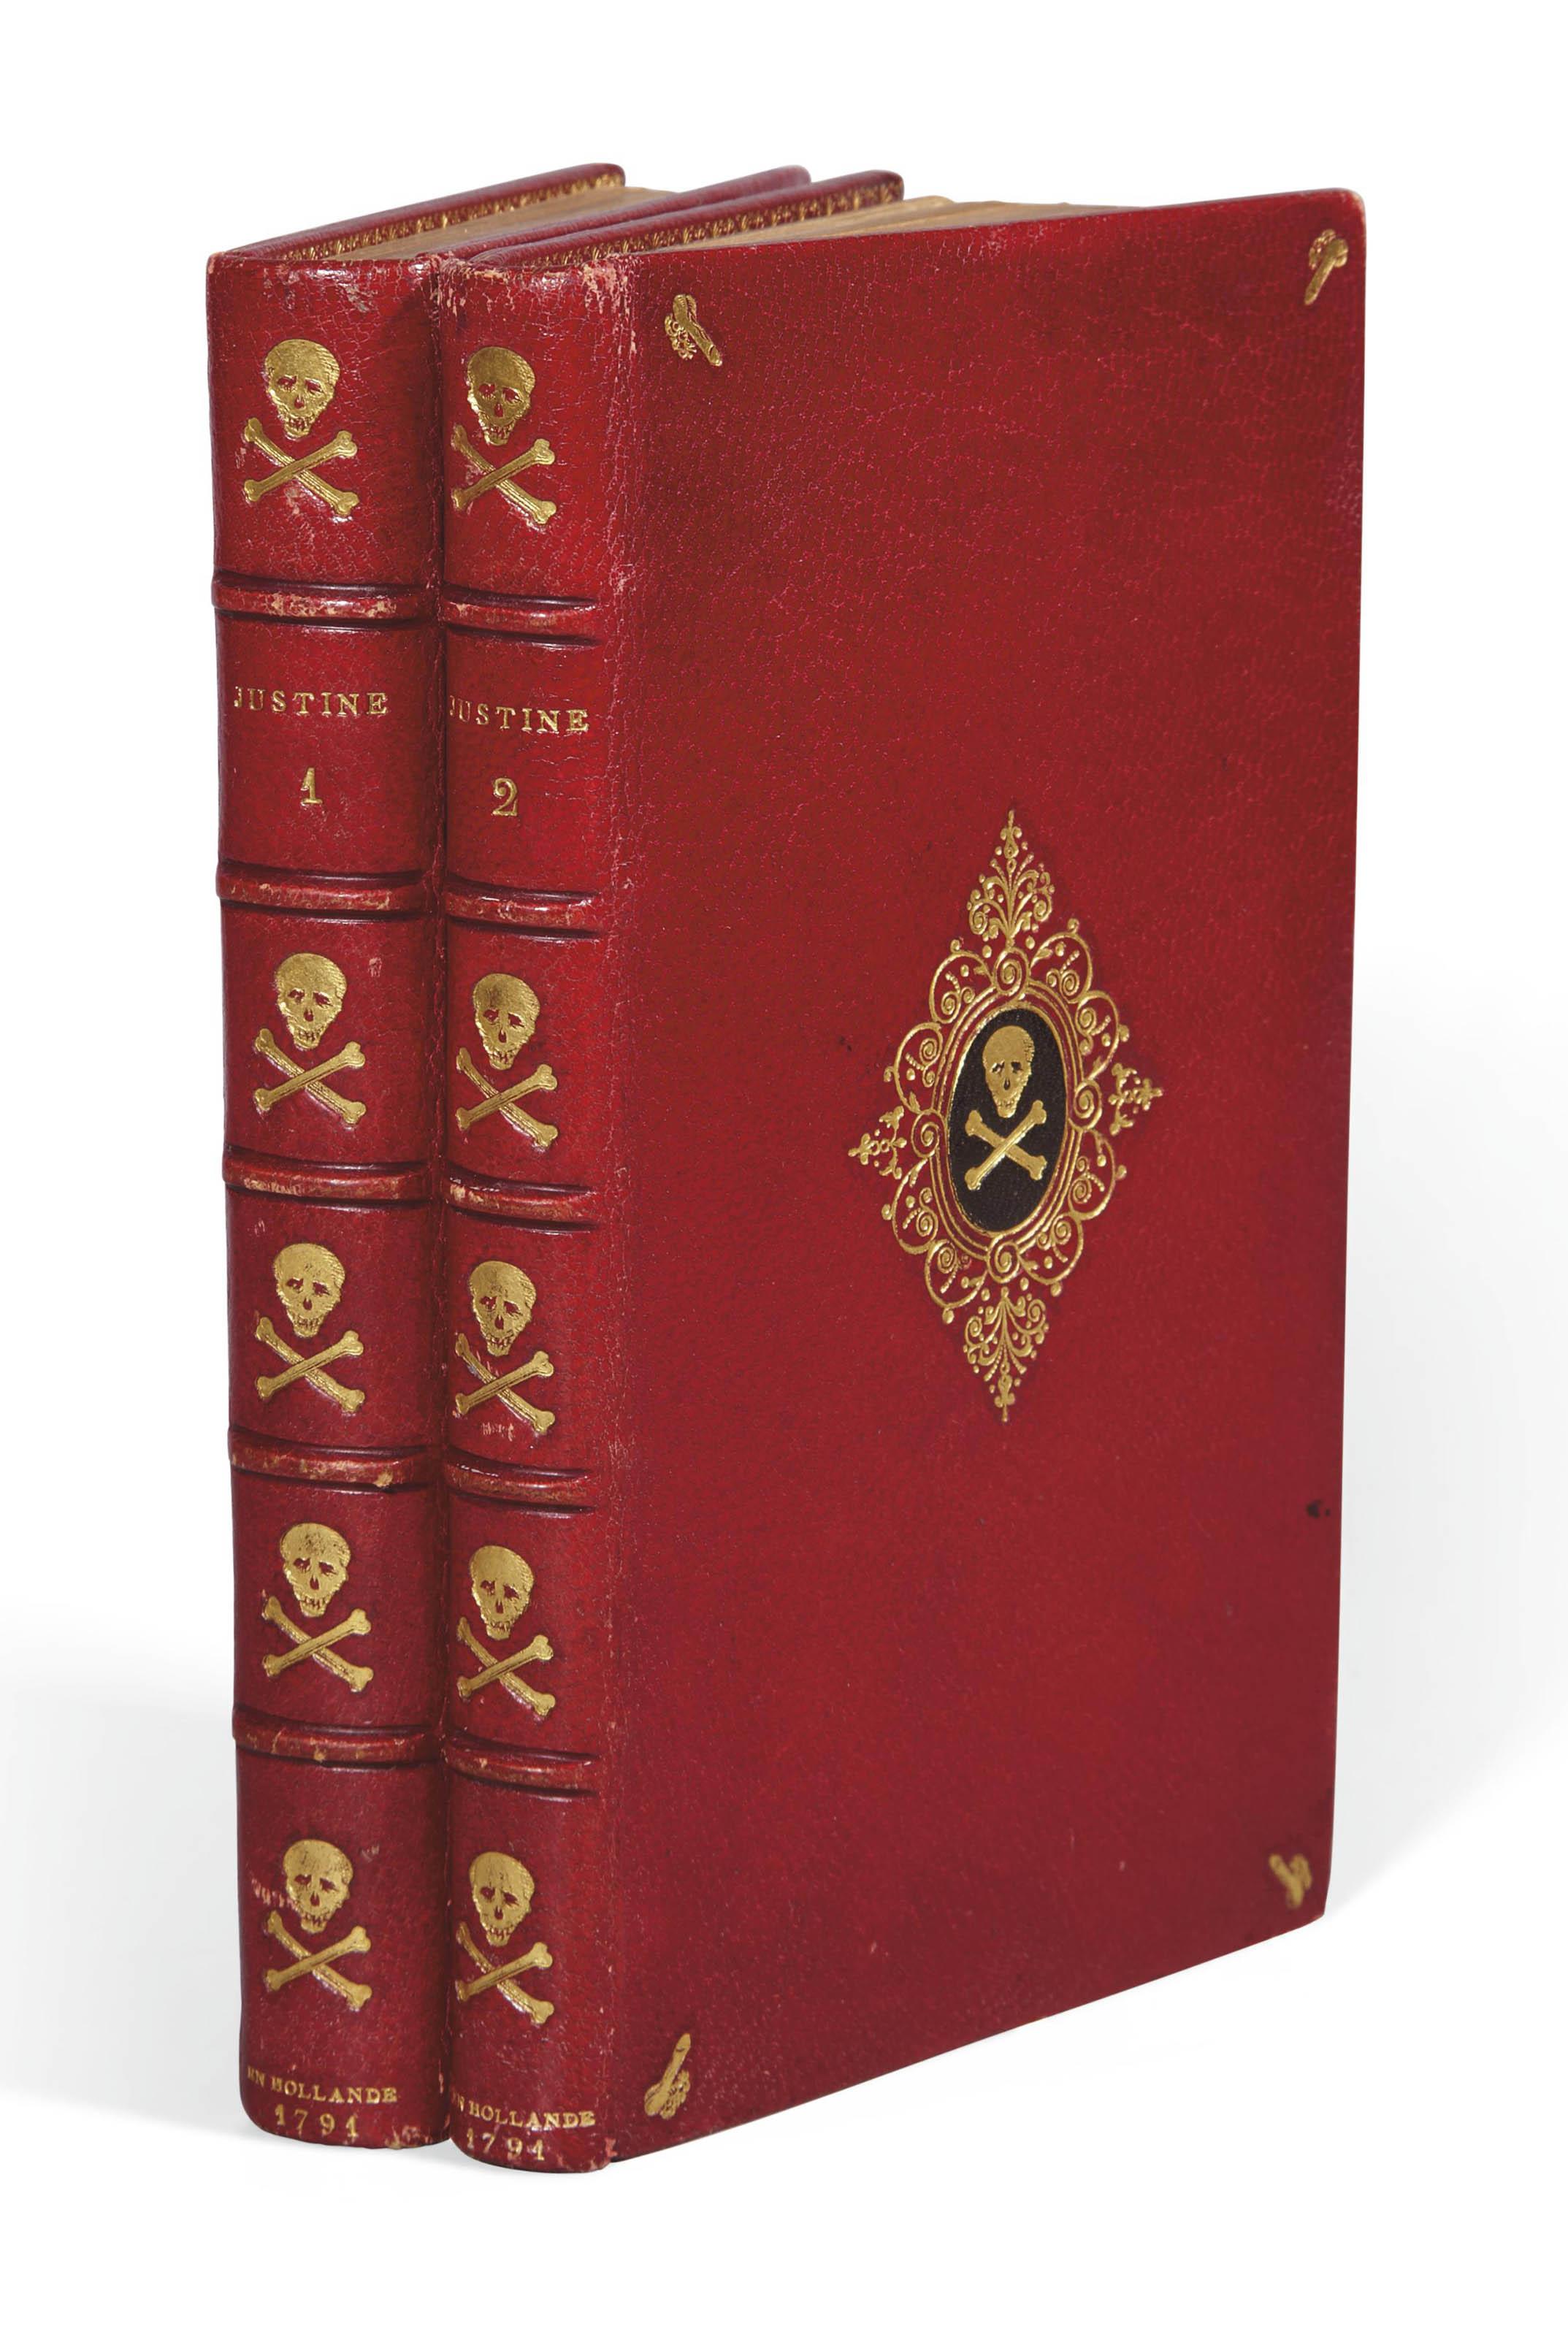 [SADE, Donatien Alphonse François, marquis de (1740-1814)]. Justine ou Les Malheurs de la Vertu. En Hollande: Chez les Libraires Associés, [Paris : Girouard ?] 1791.